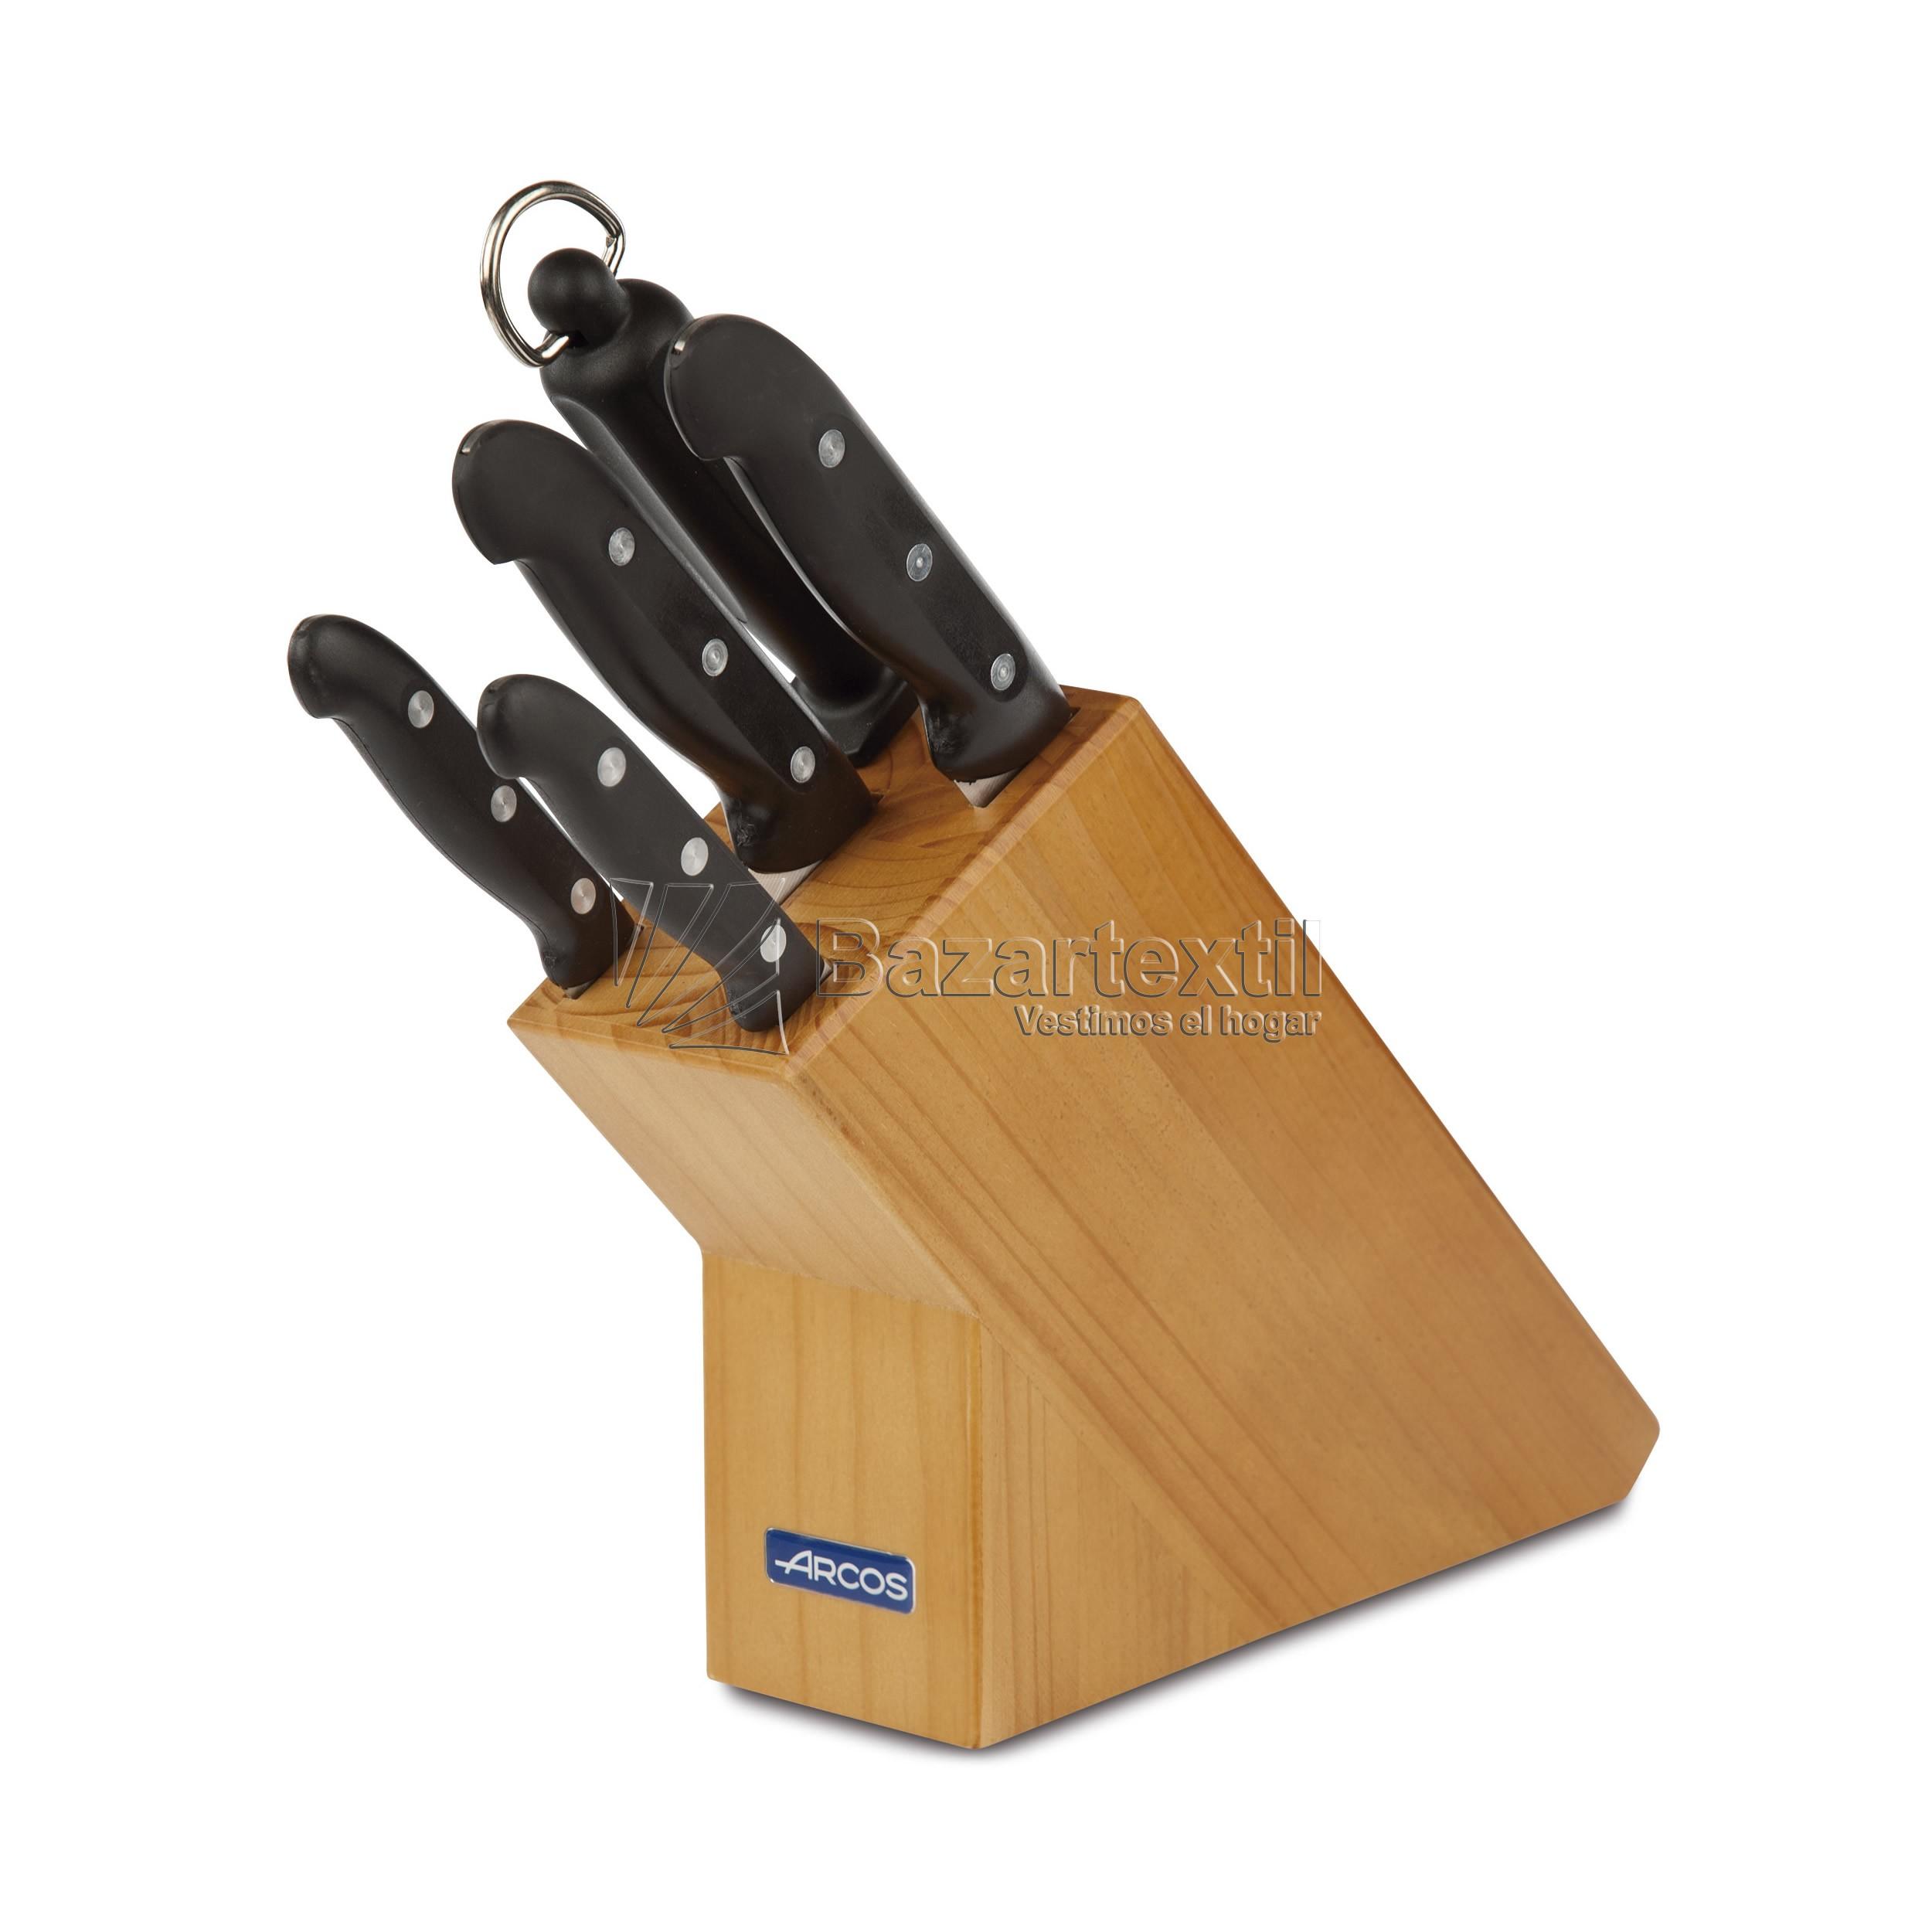 Cuchillos arcos los de toda la vida - Cuchillos de cocina arcos ...